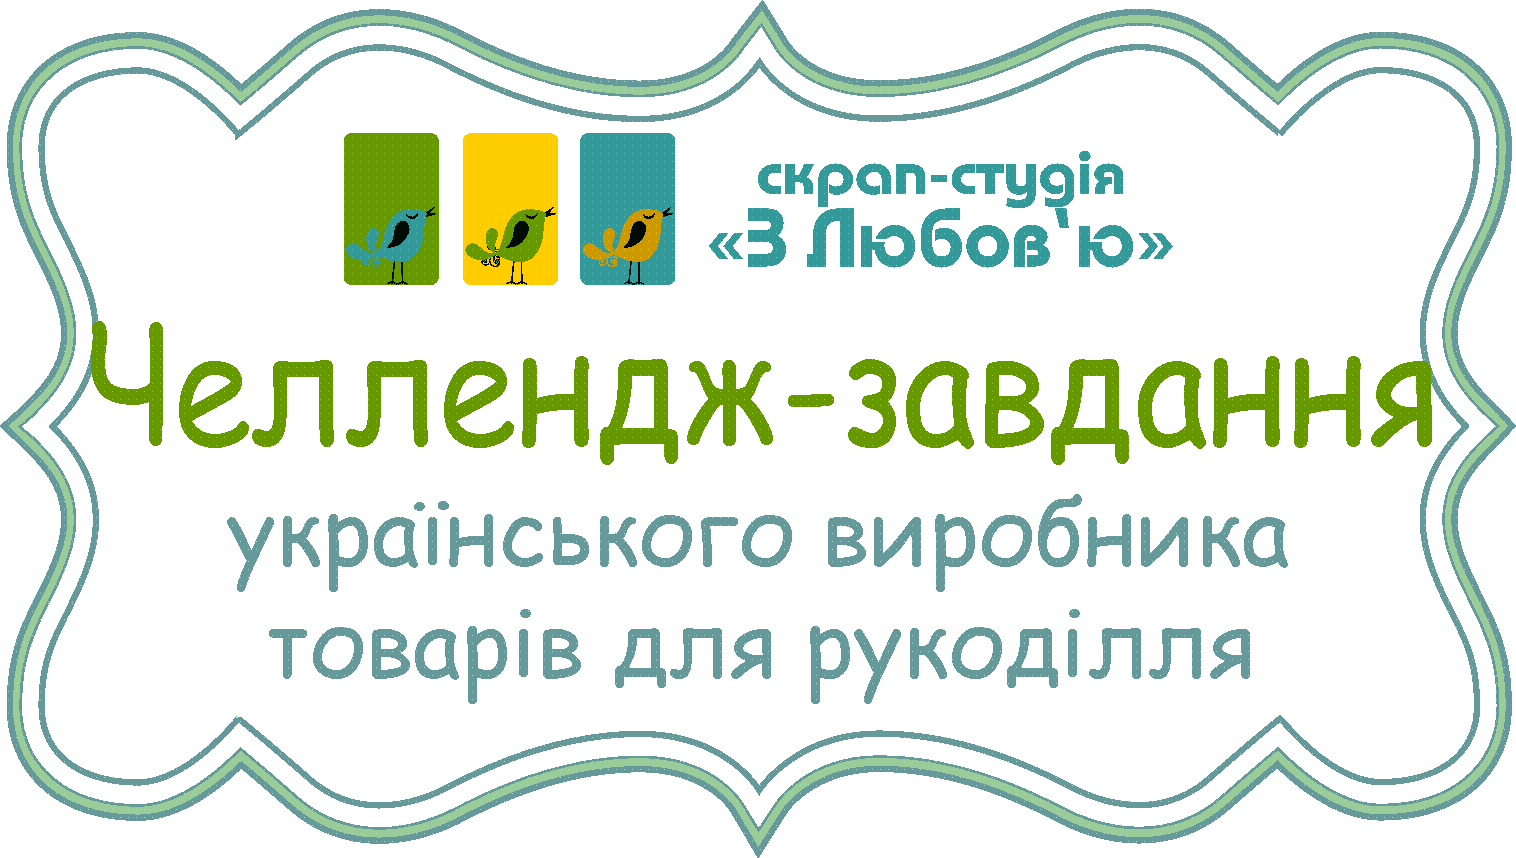 http://stampsforcrafts.blogspot.com/2014/08/15.html